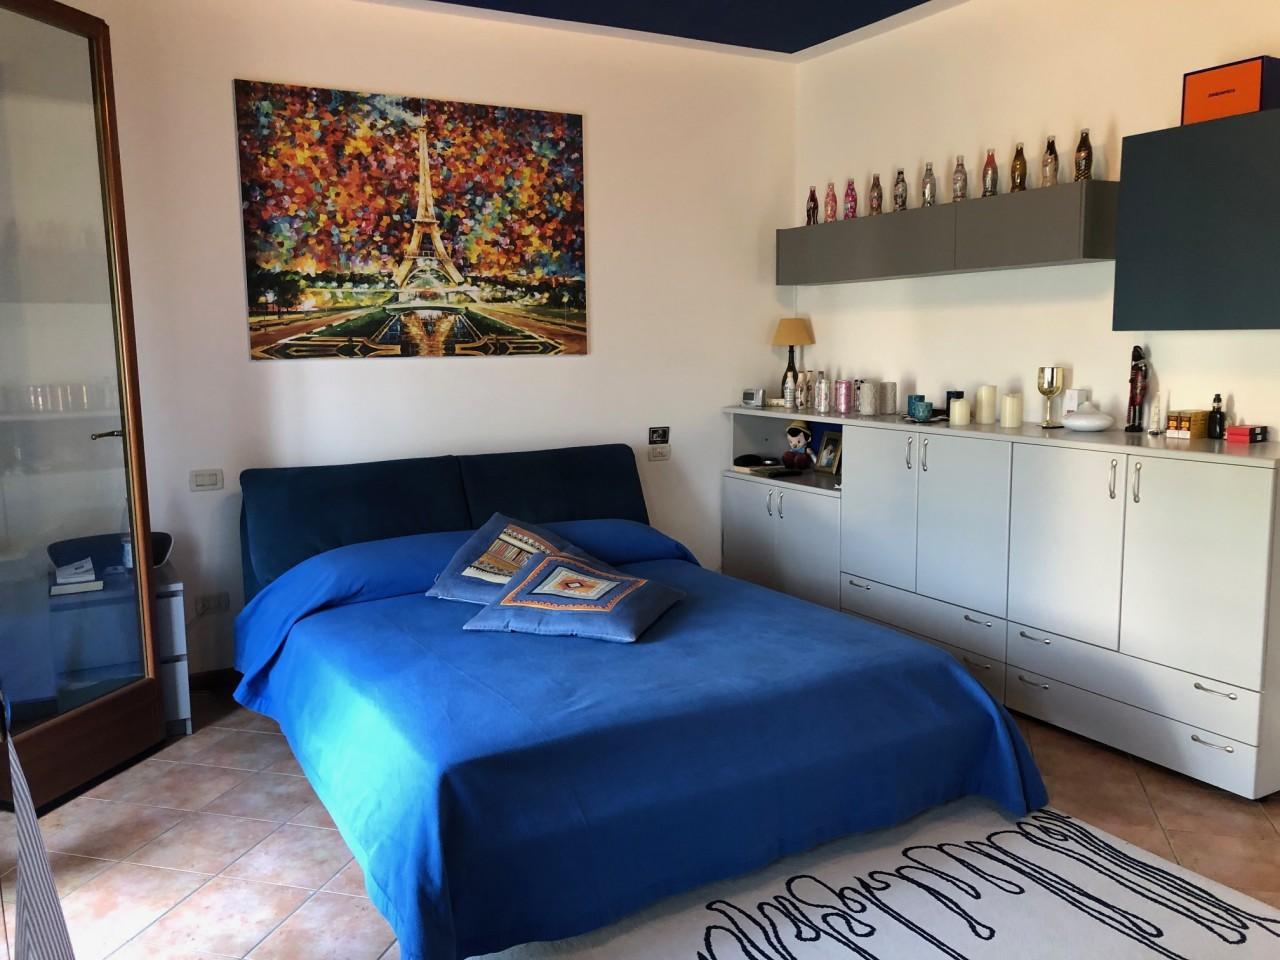 R465 Elegante Porzione di Bifamiliare con giardino a Montegrotto Terme https://media.gestionaleimmobiliare.it/foto/annunci/190606/2016261/1280x1280/011__Porzione_Bifamiliare_Montegrotto_Terme.jpg